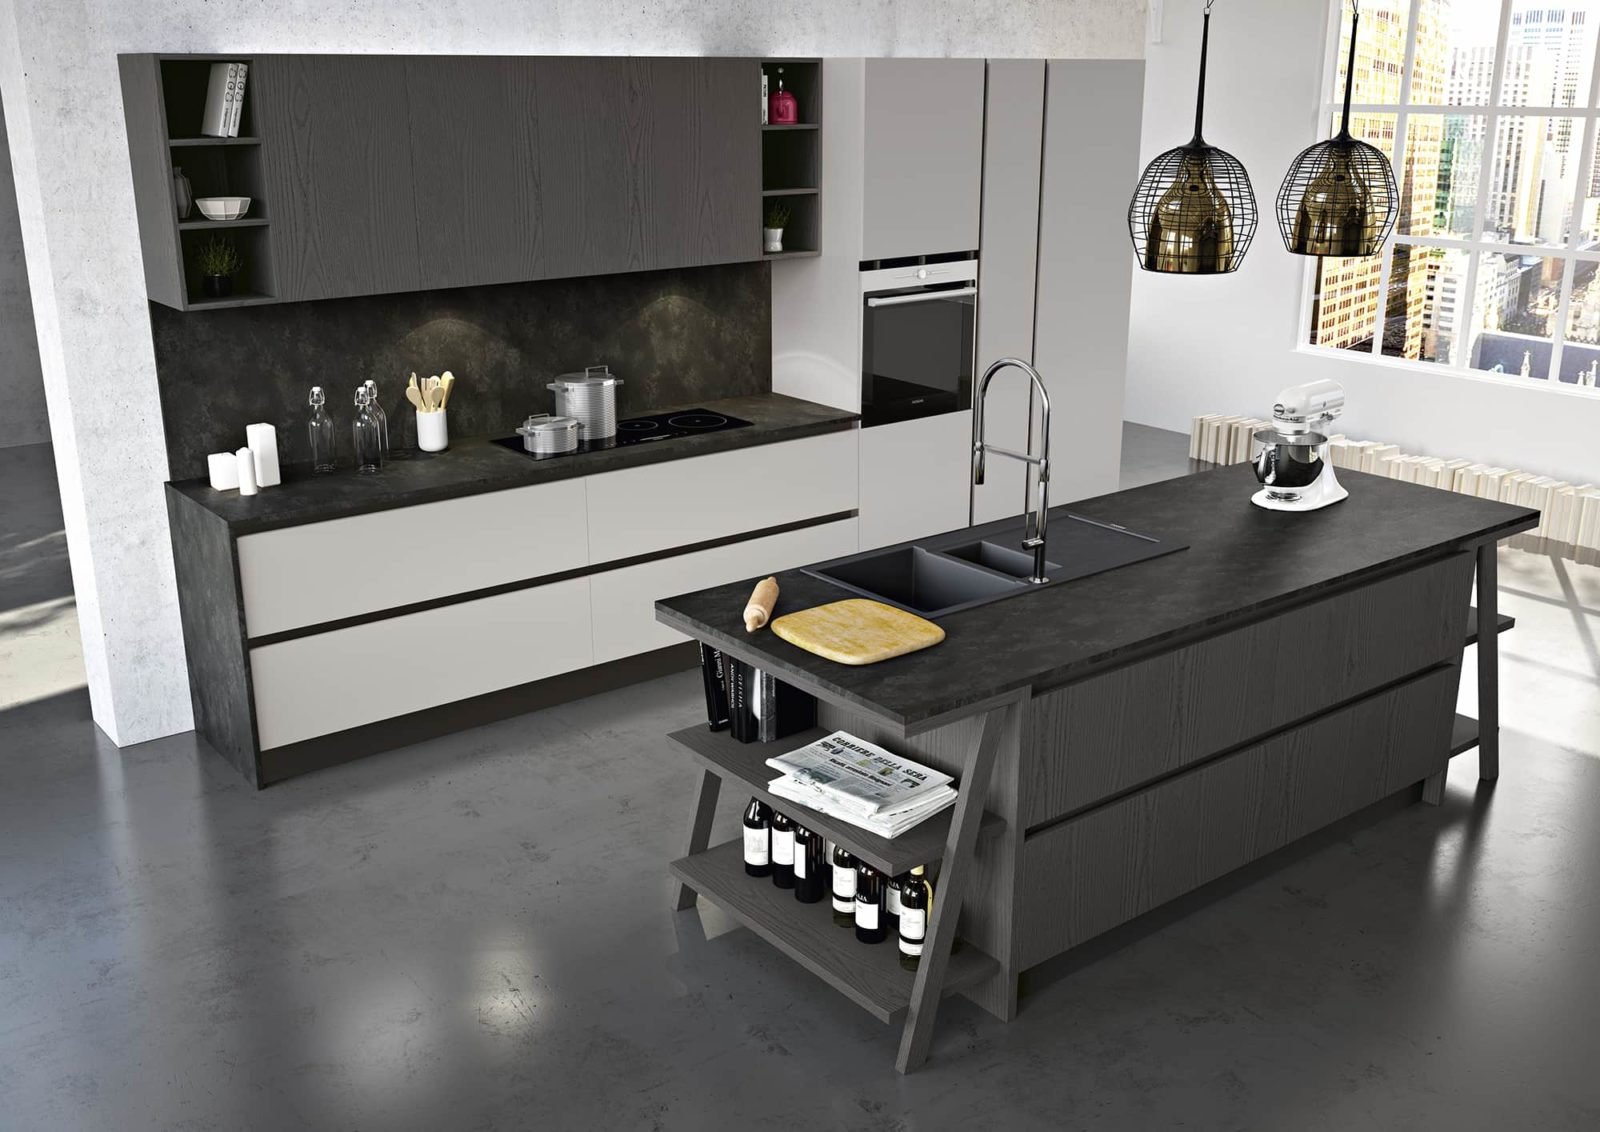 Cucine moderne con isola arredamenti meneghello - Cucine con isola ...